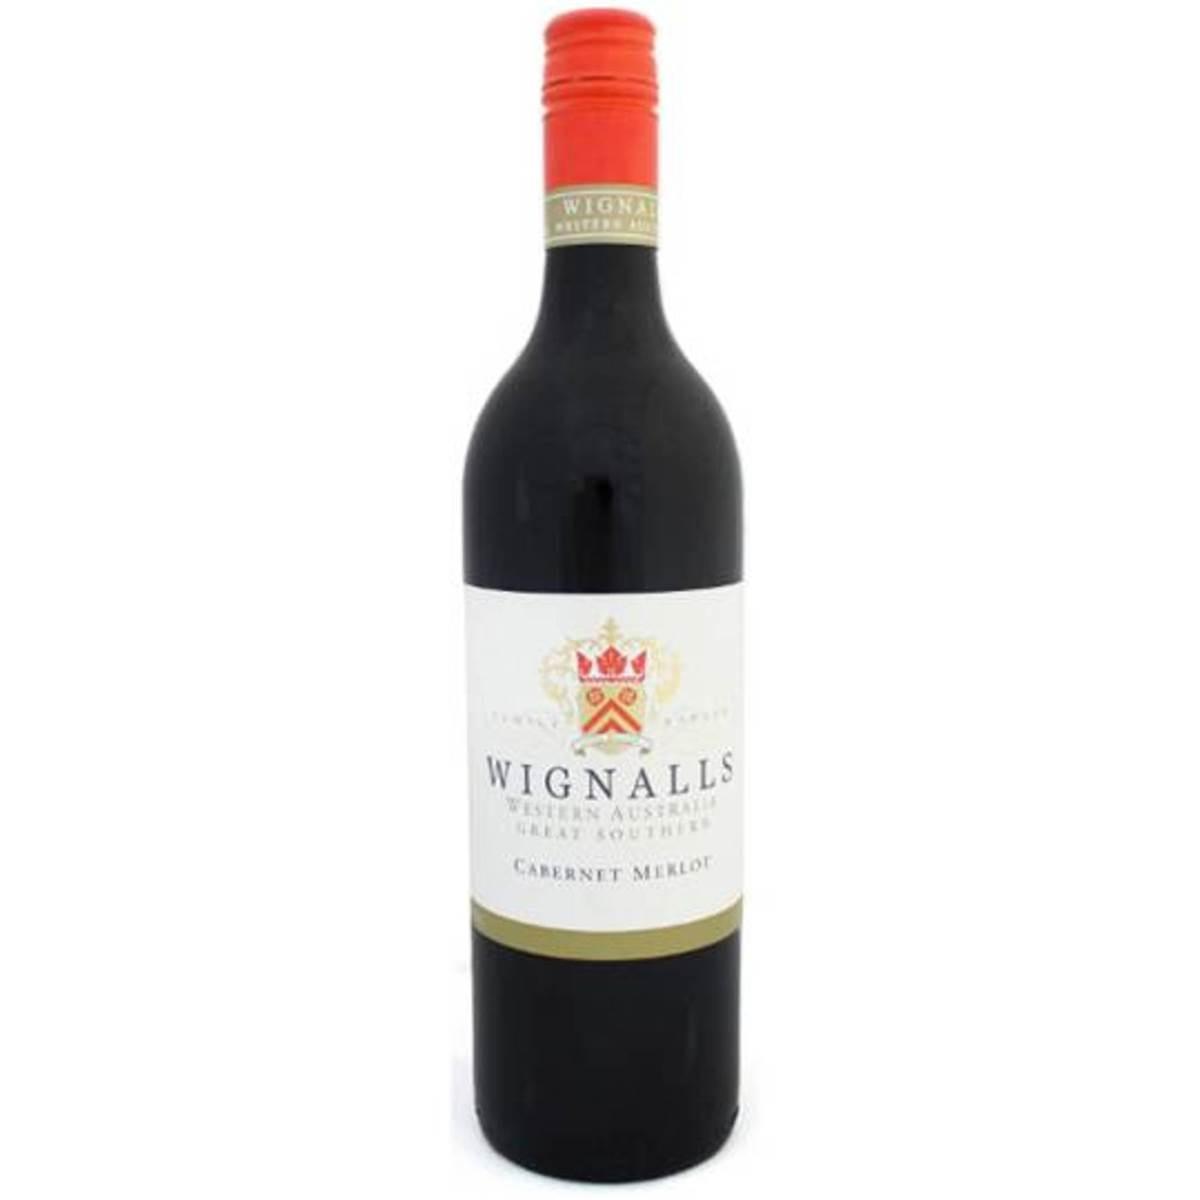 Wignalls Cabernet Merlot